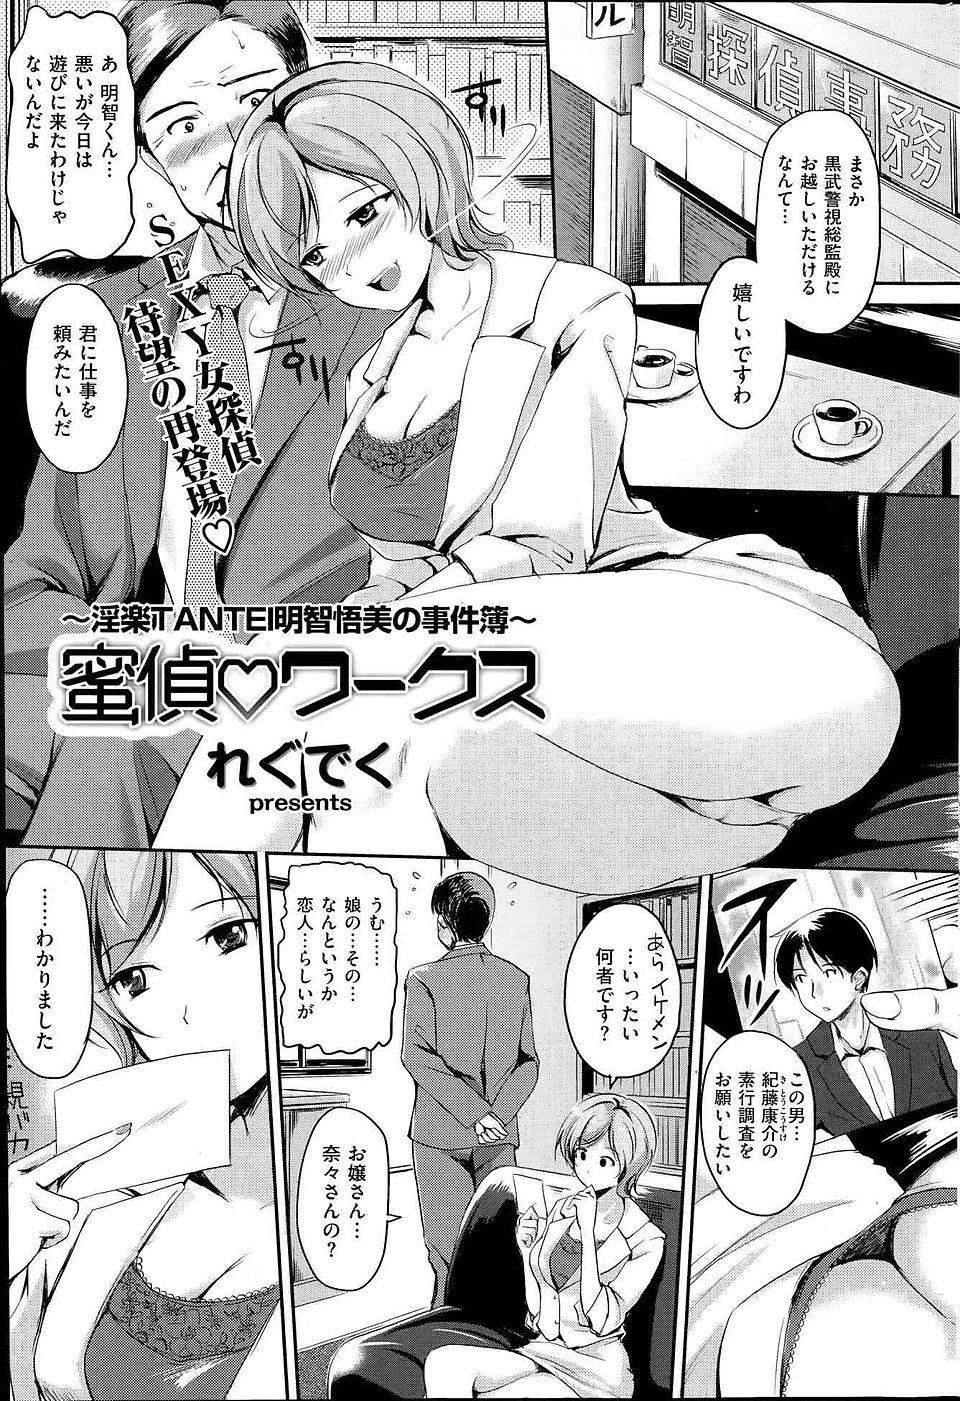 [れぐでく] 蜜偵ワークス (1)